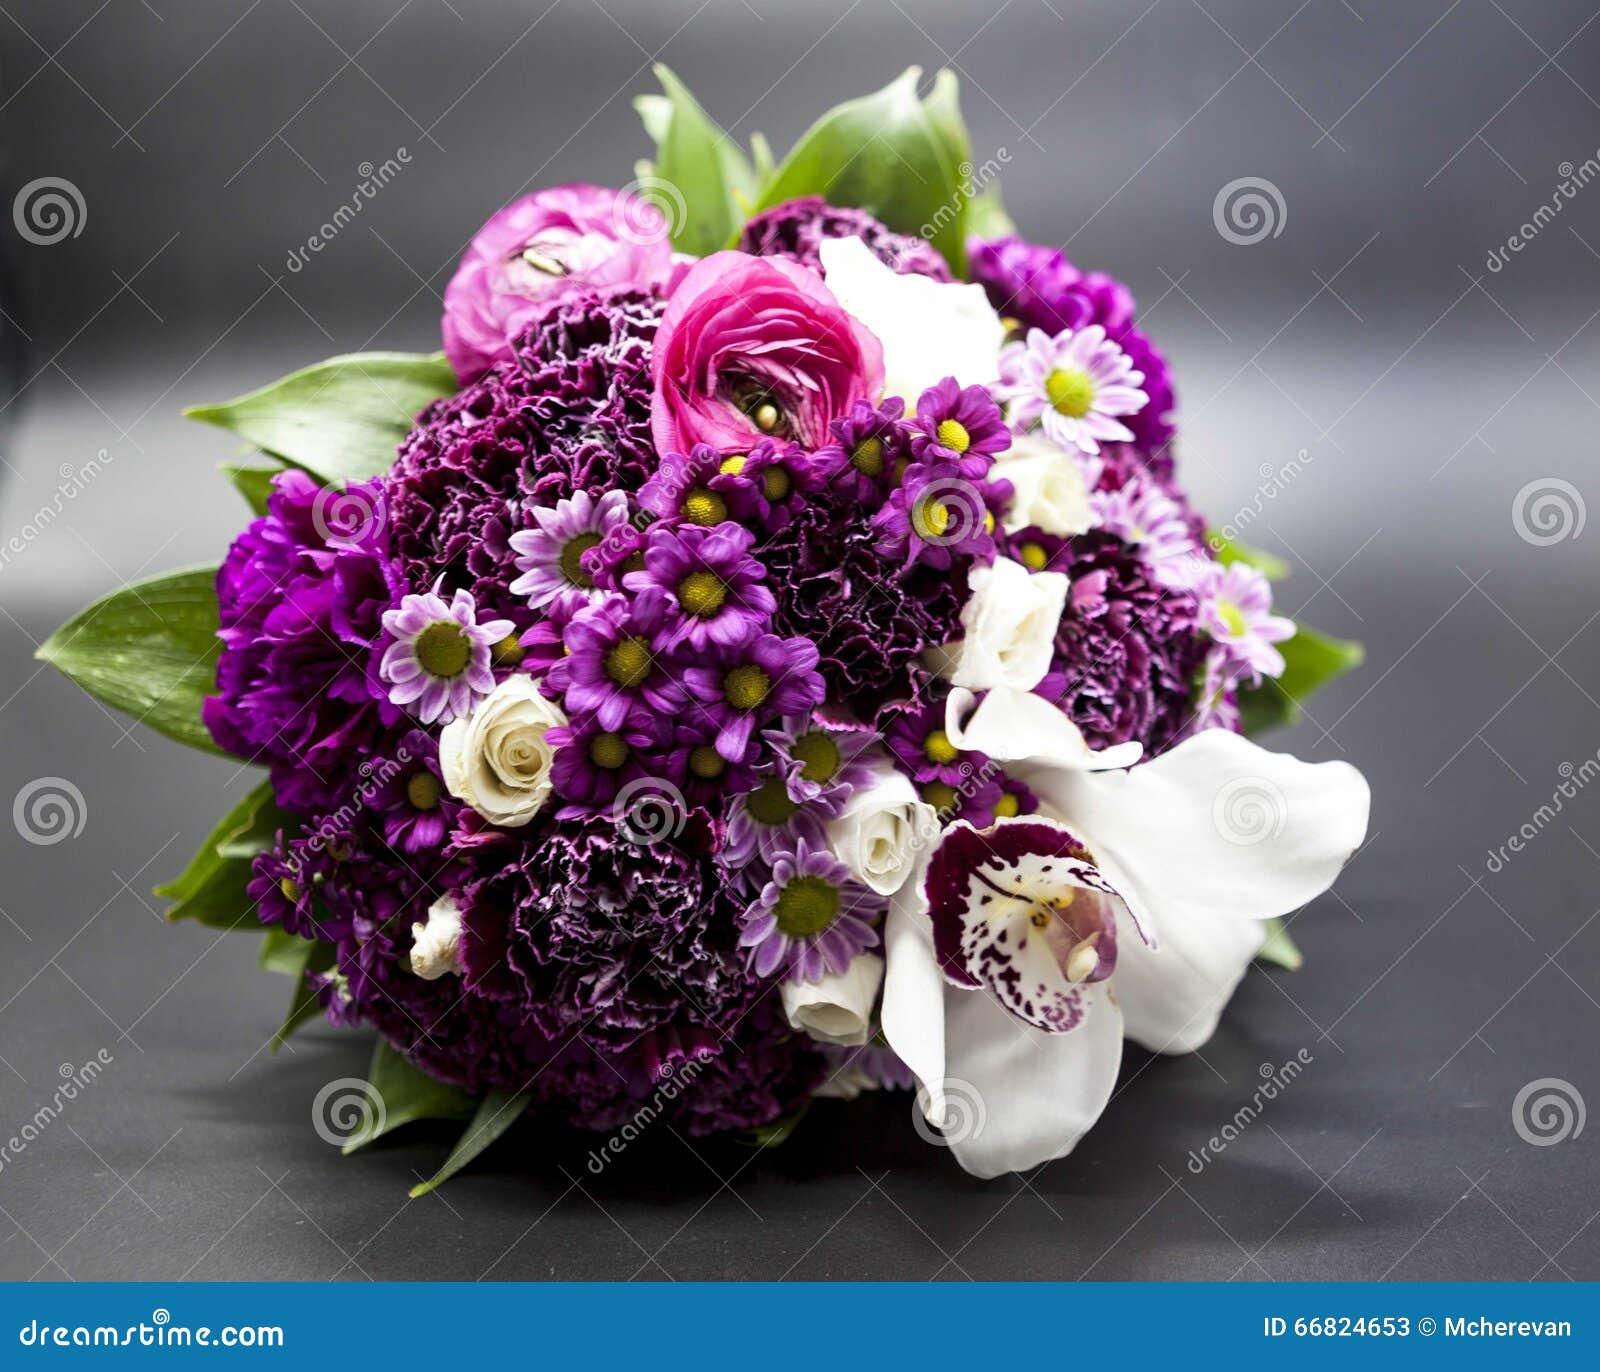 Dark Purple Flower Bouquet